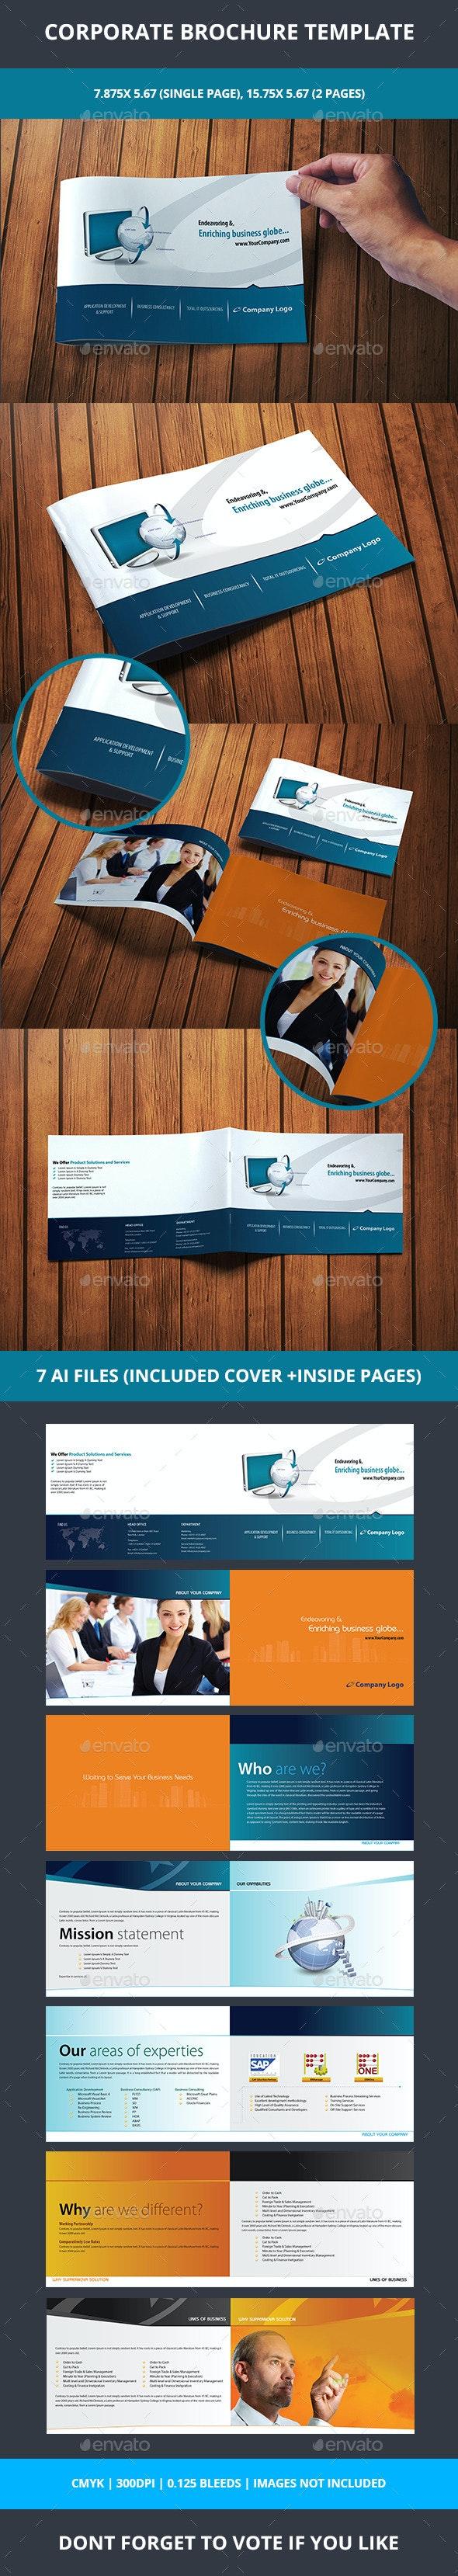 Corporate Brochure - Corporate Business Cards